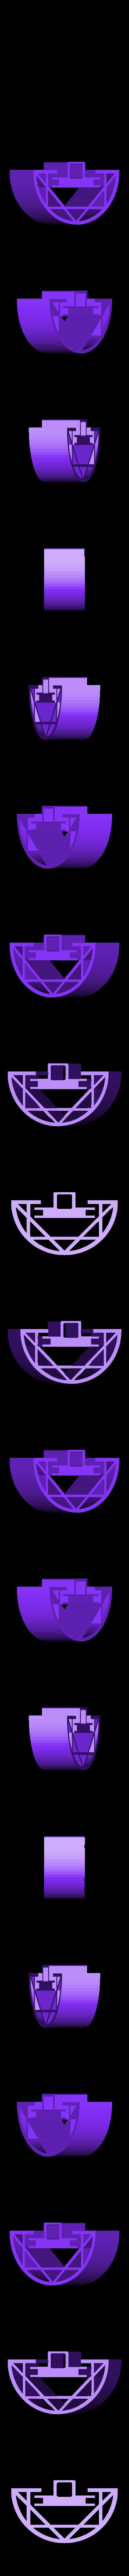 RockerBlotterHolder.stl Télécharger fichier STL gratuit Buvard à bascule imprimable • Plan pour impression 3D, Kellywatchthestars